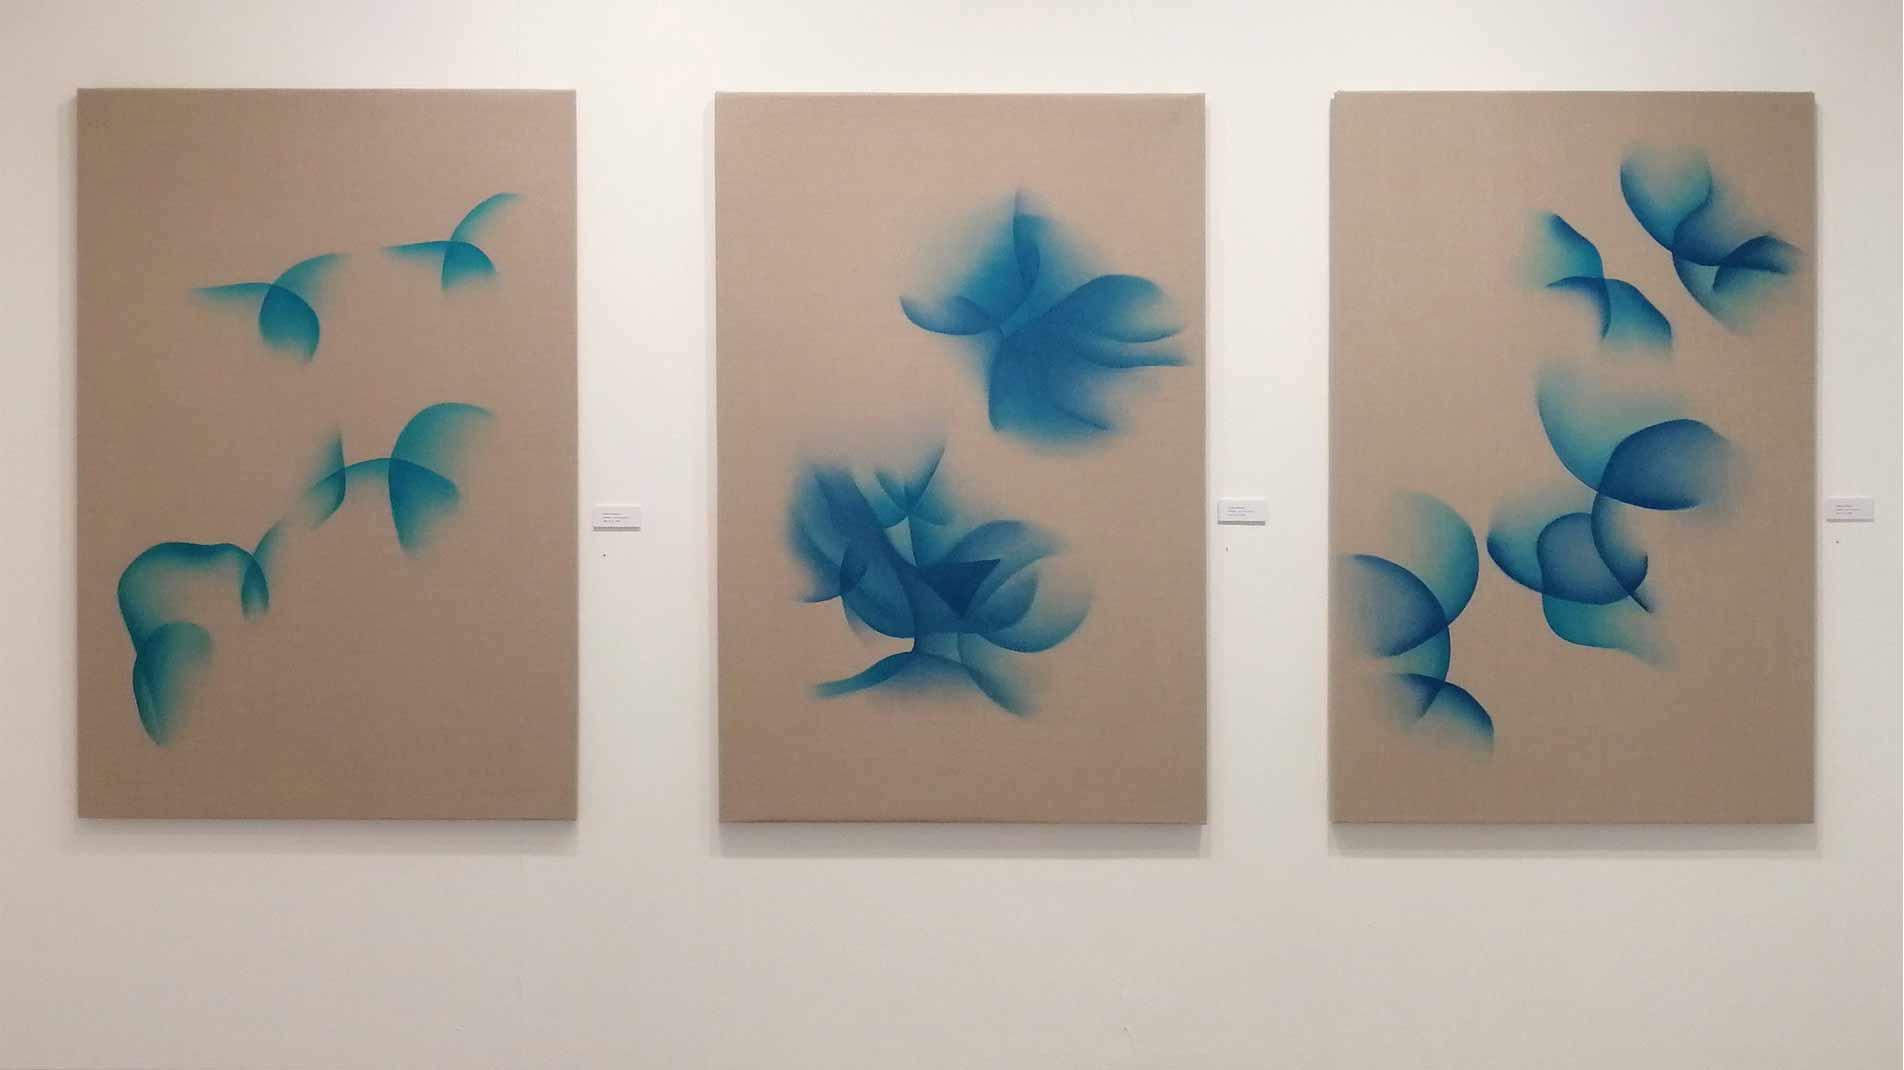 Bottazzi - Galerie Itsutsuji -Tokyo 2019